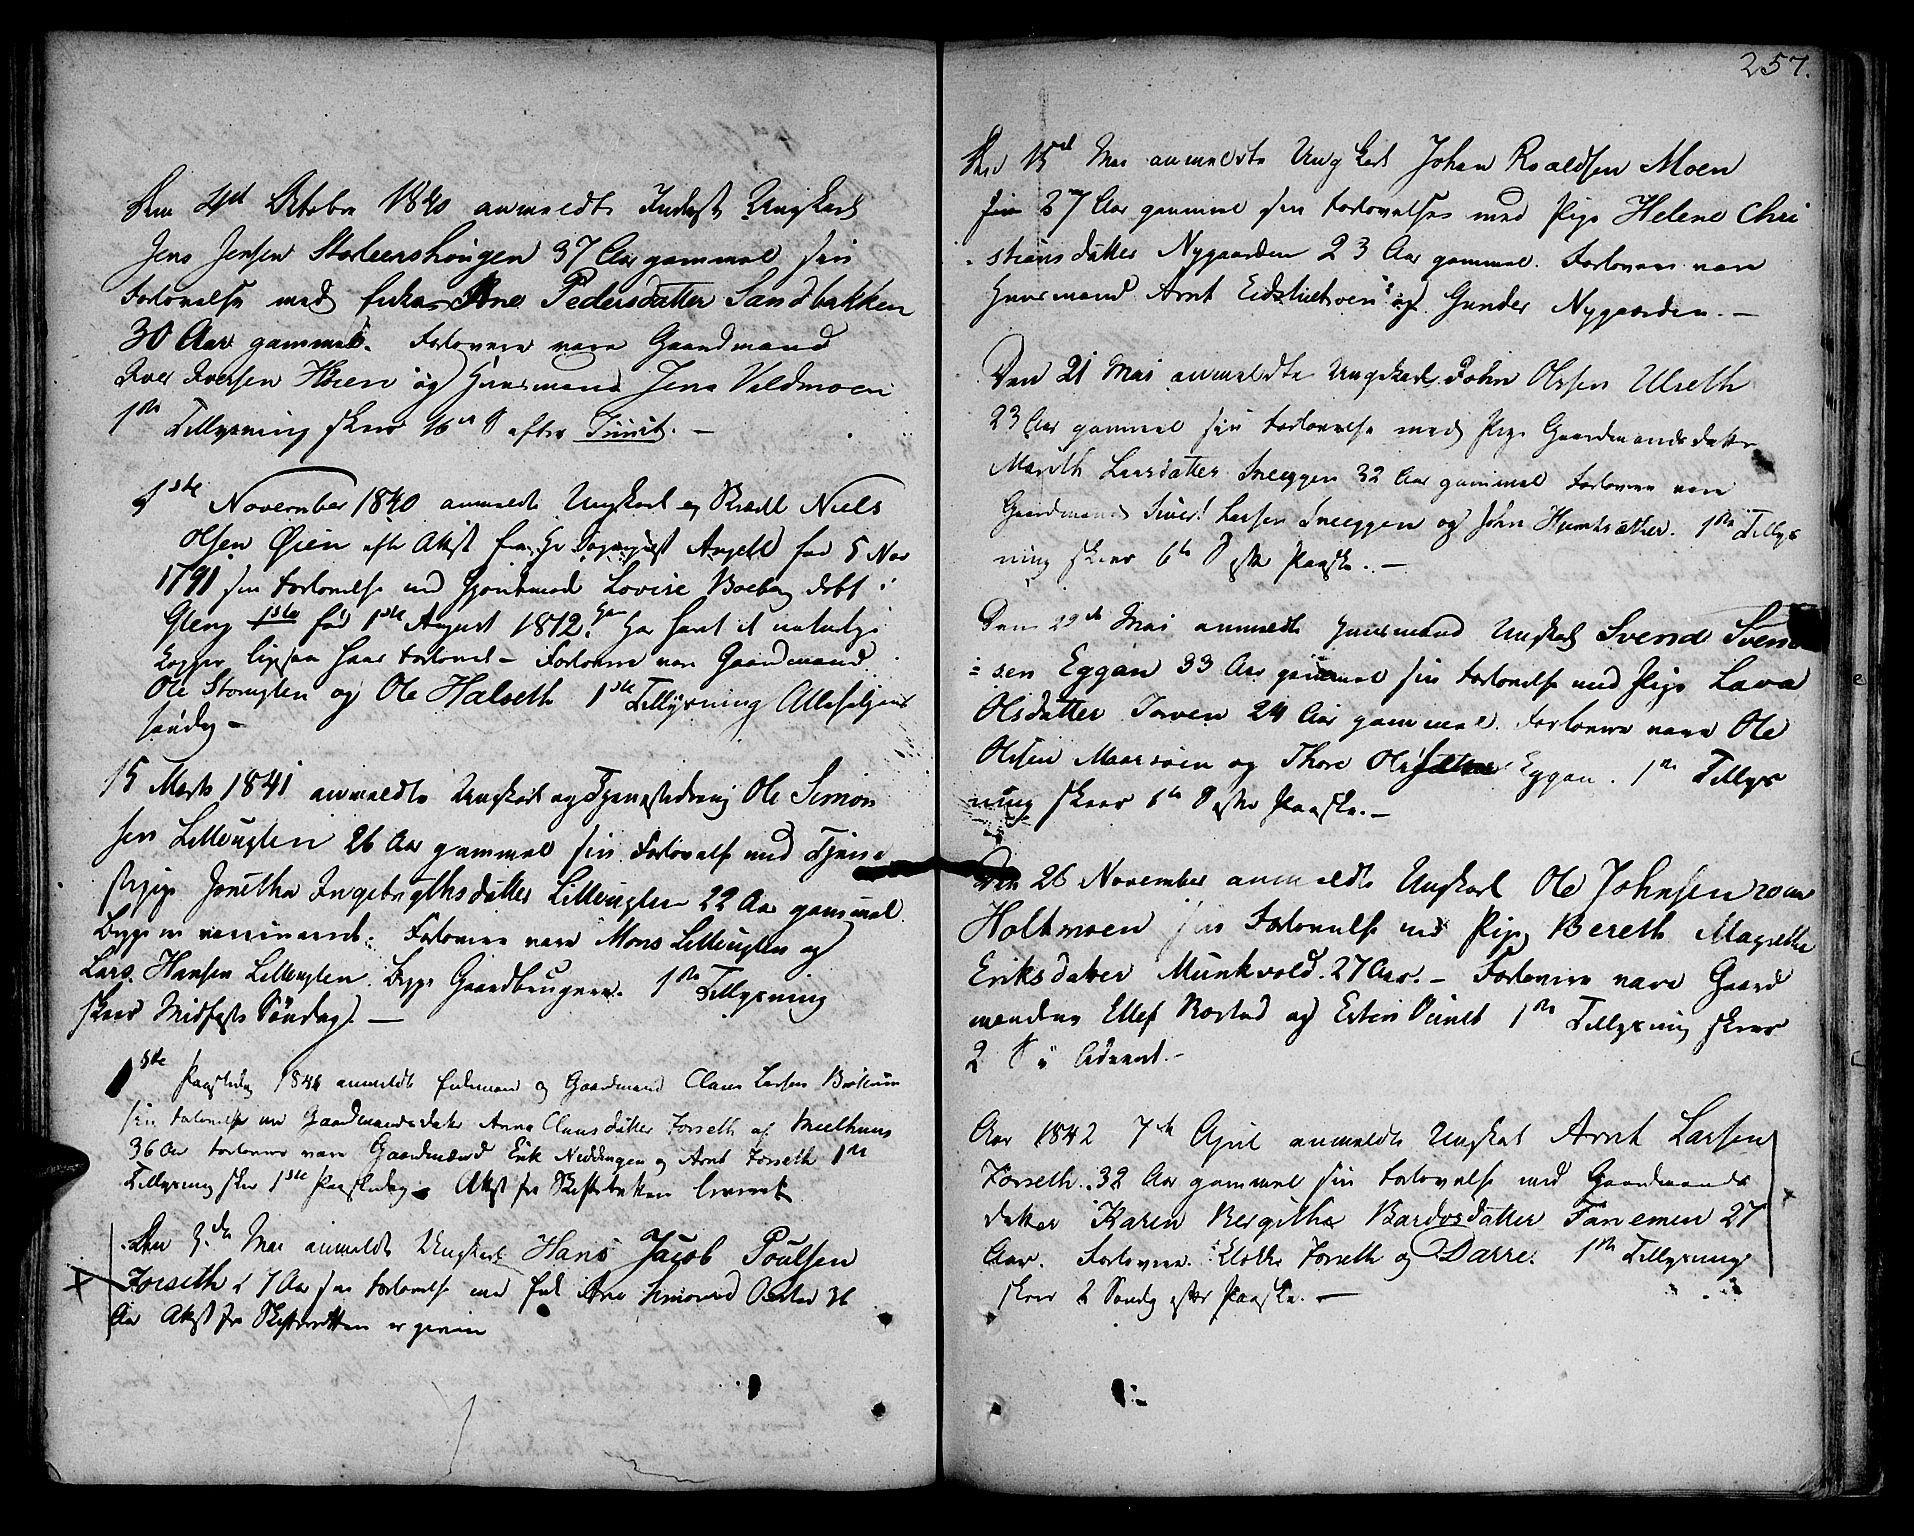 SAT, Ministerialprotokoller, klokkerbøker og fødselsregistre - Sør-Trøndelag, 618/L0438: Ministerialbok nr. 618A03, 1783-1815, s. 257